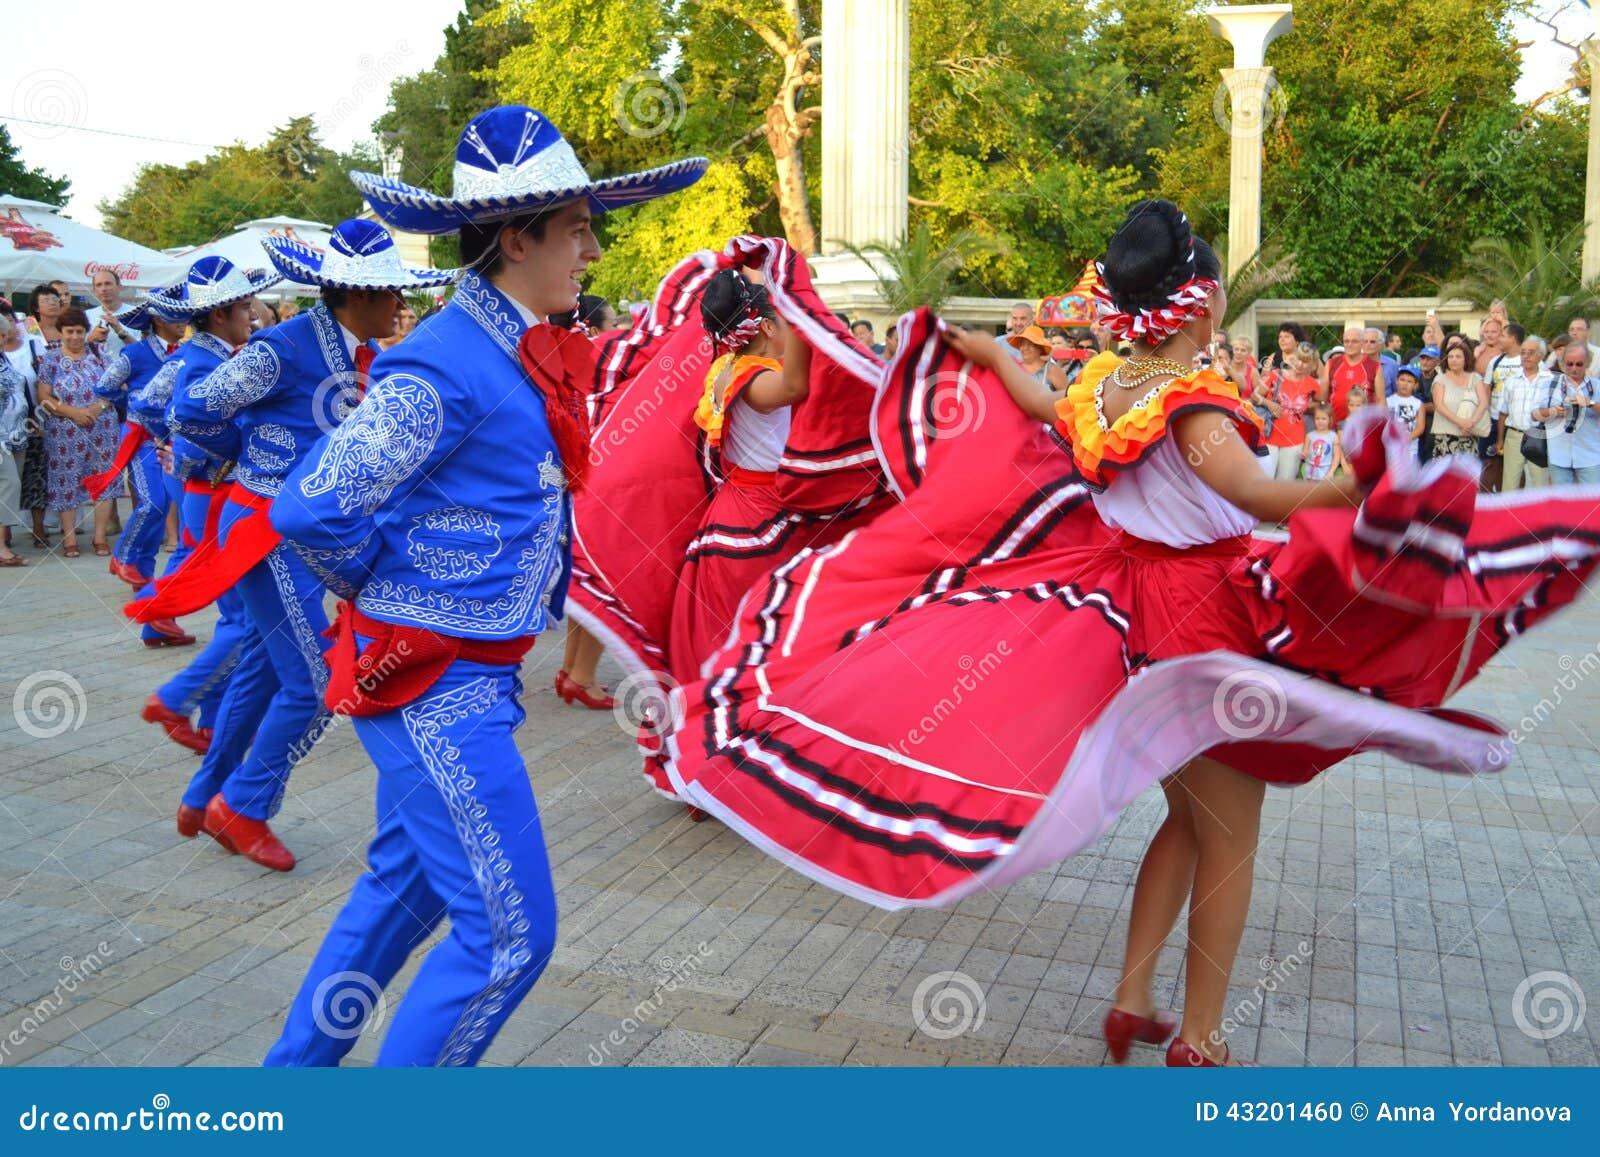 Download Lynniga mexicanska dansare redaktionell foto. Bild av dans - 43201460